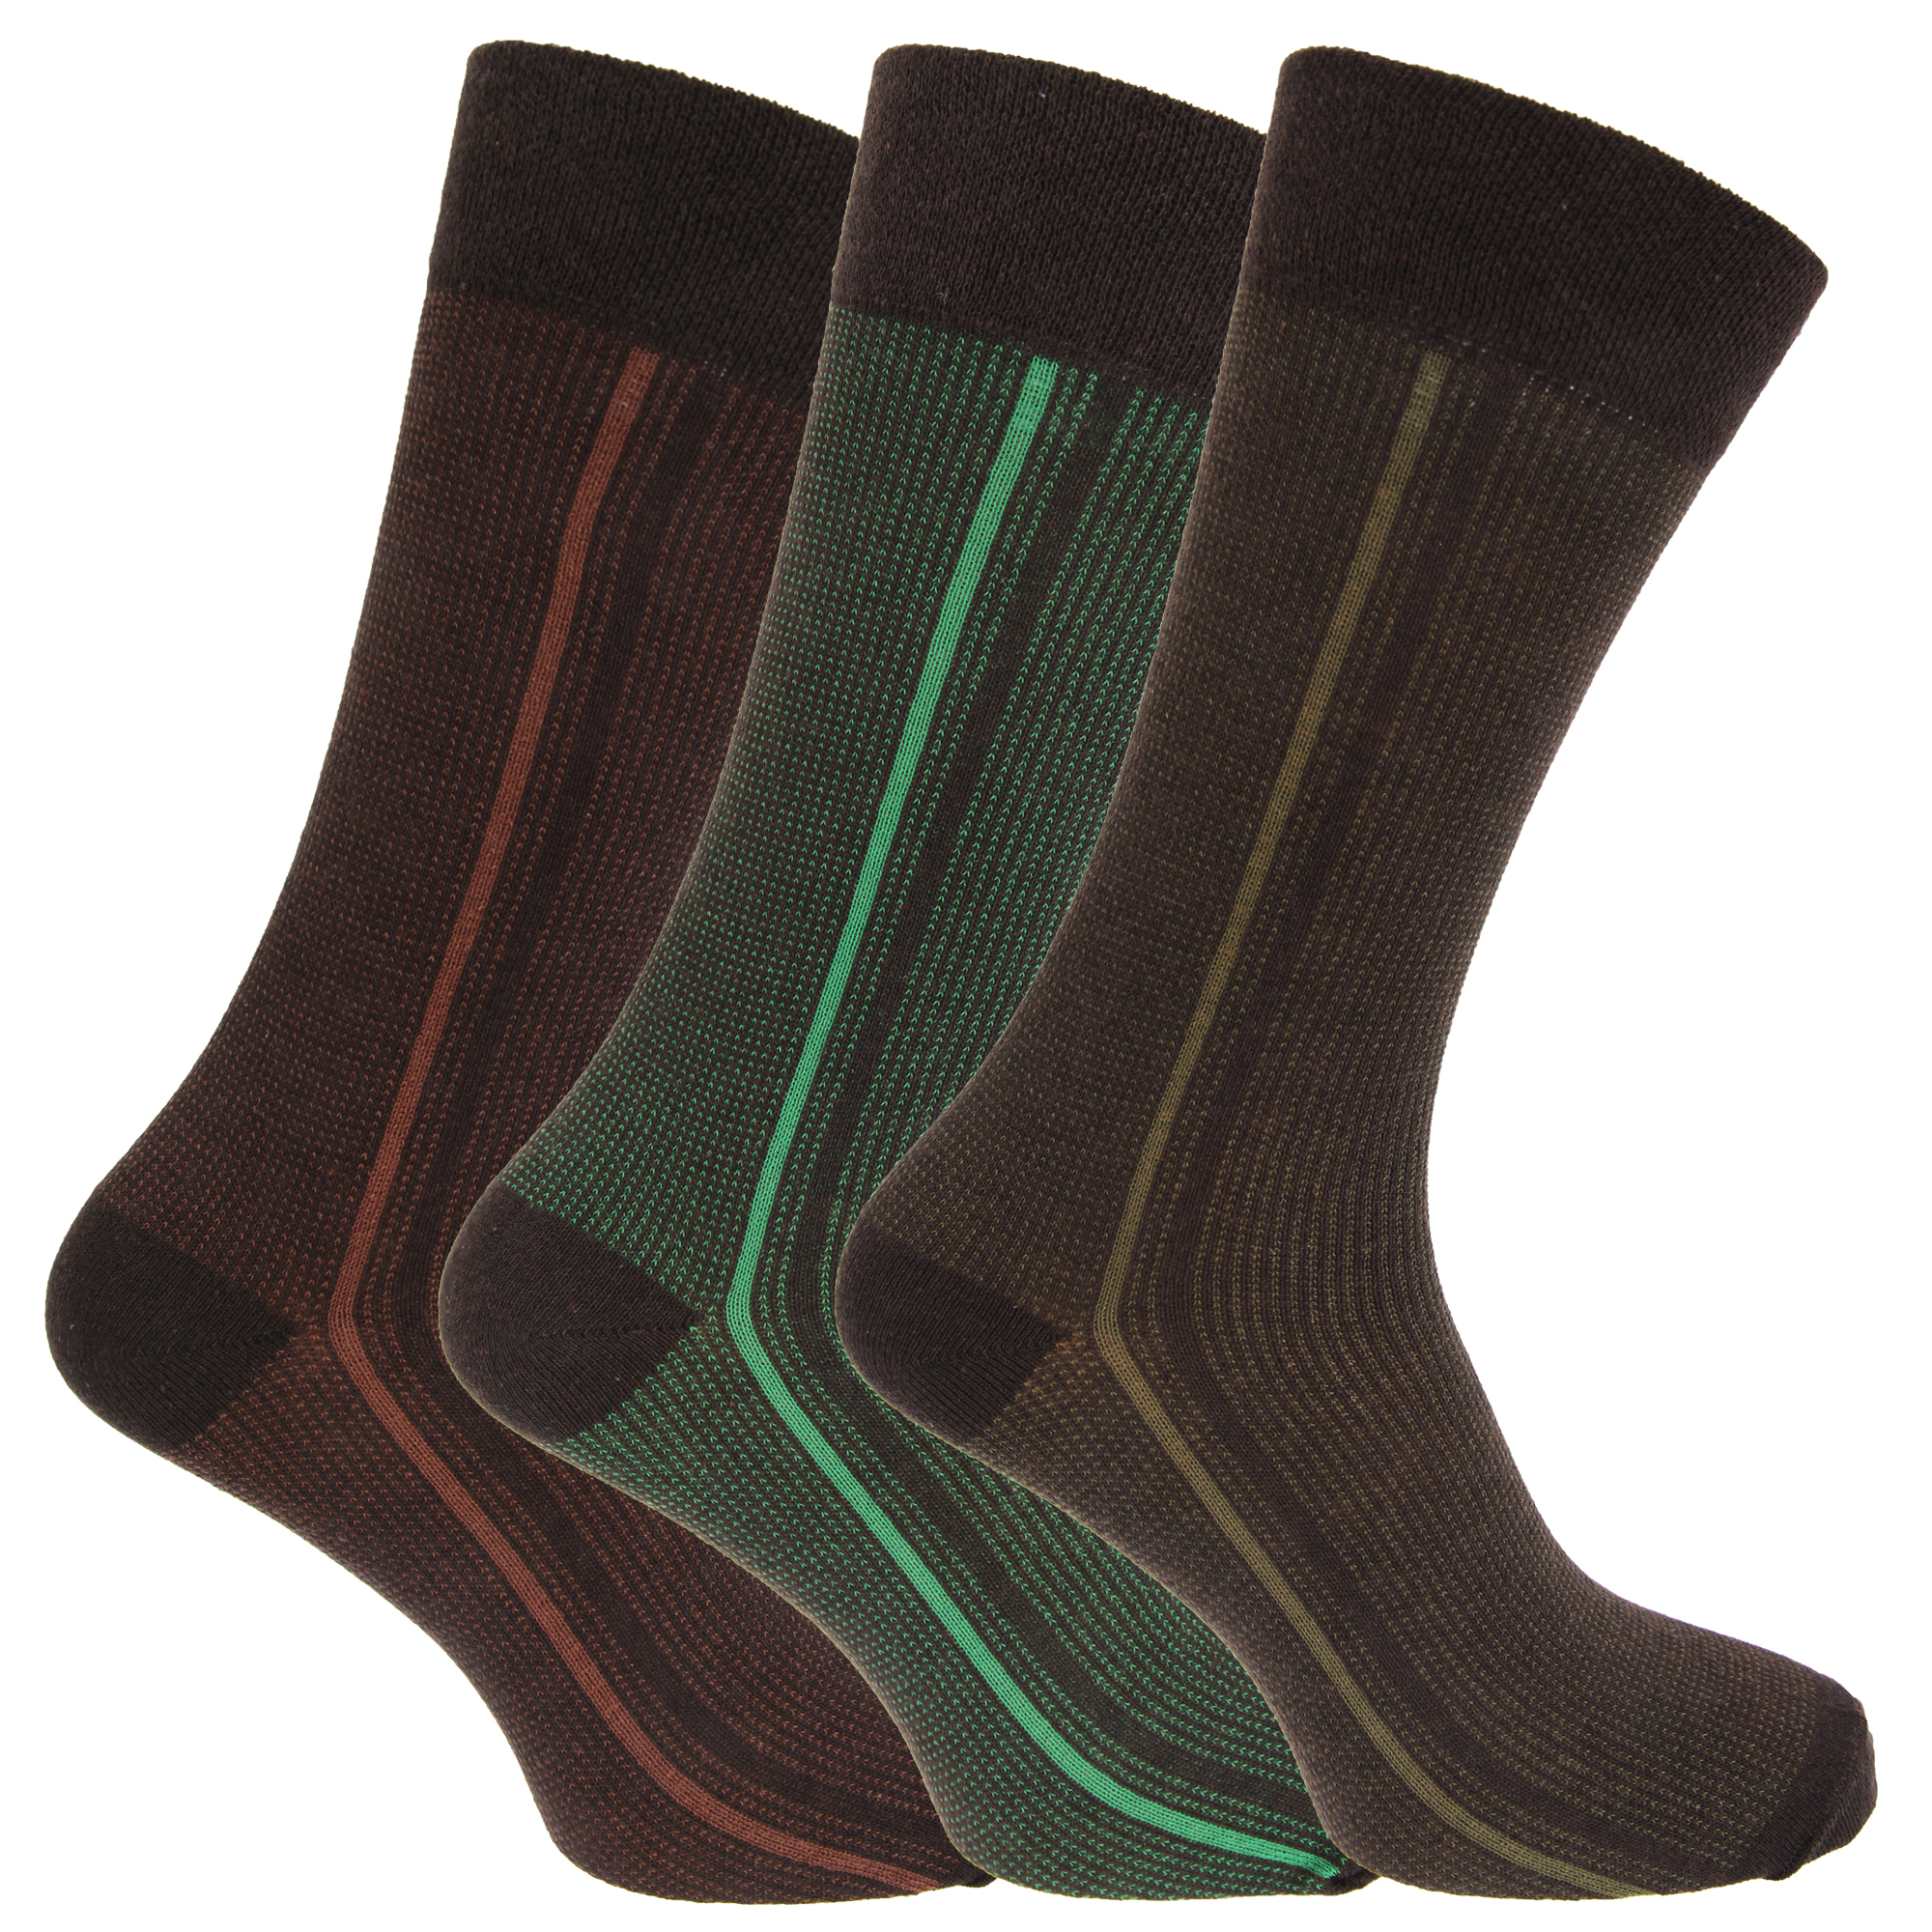 Angelo-Cavalli-Calcetines-estampados-abstracto-elastico-para-hombre-MB426